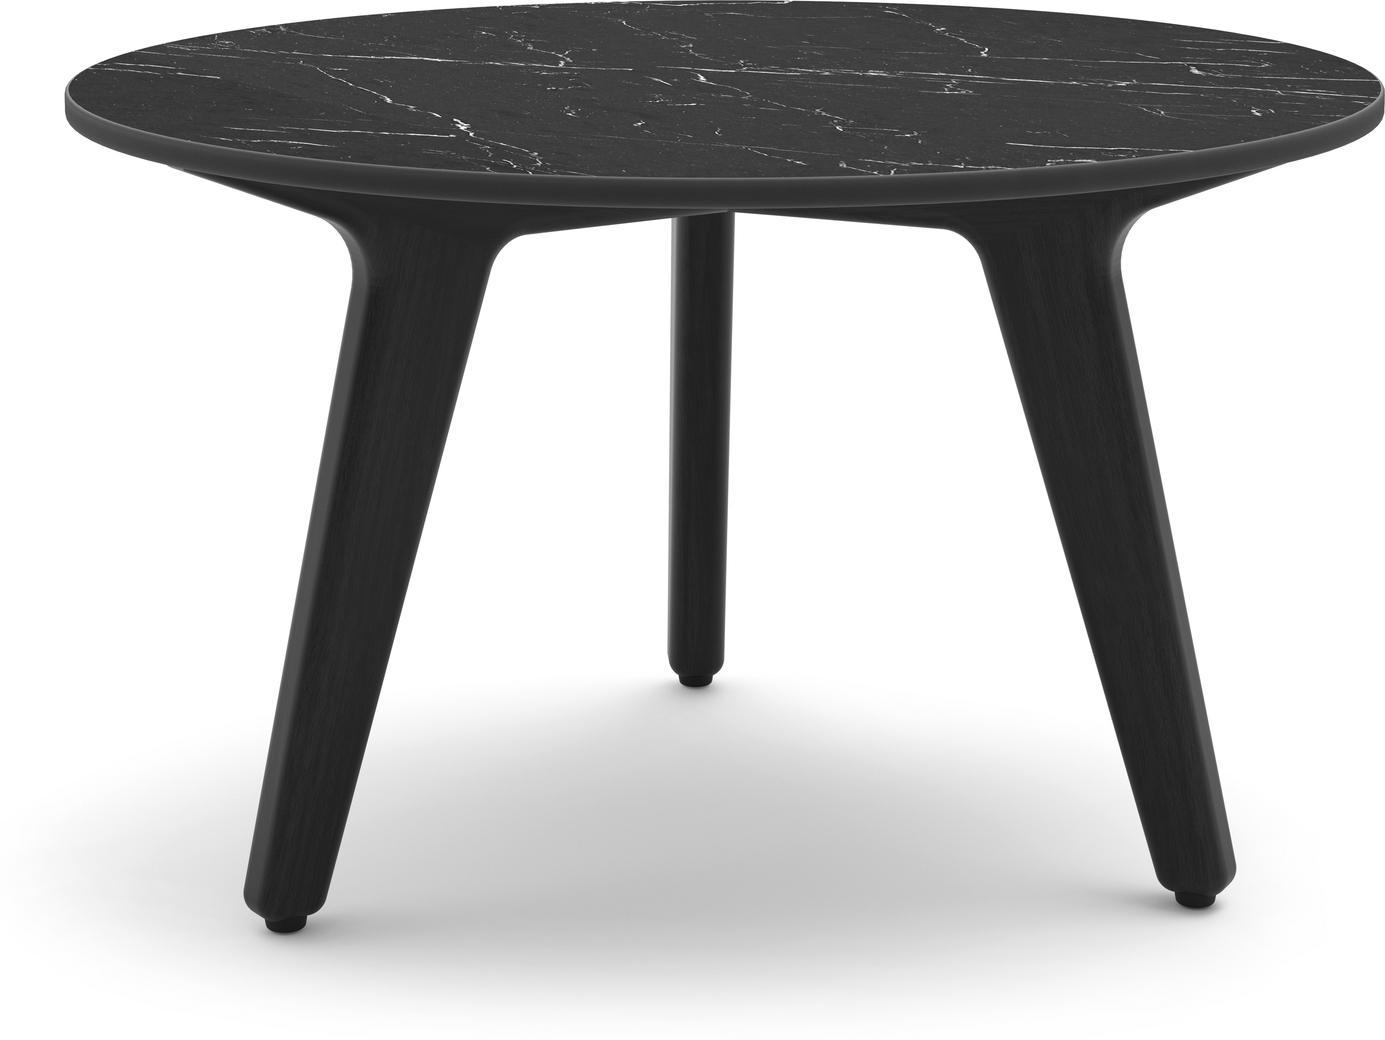 Torsa Coffee table 60 - Teak nero - 5K59